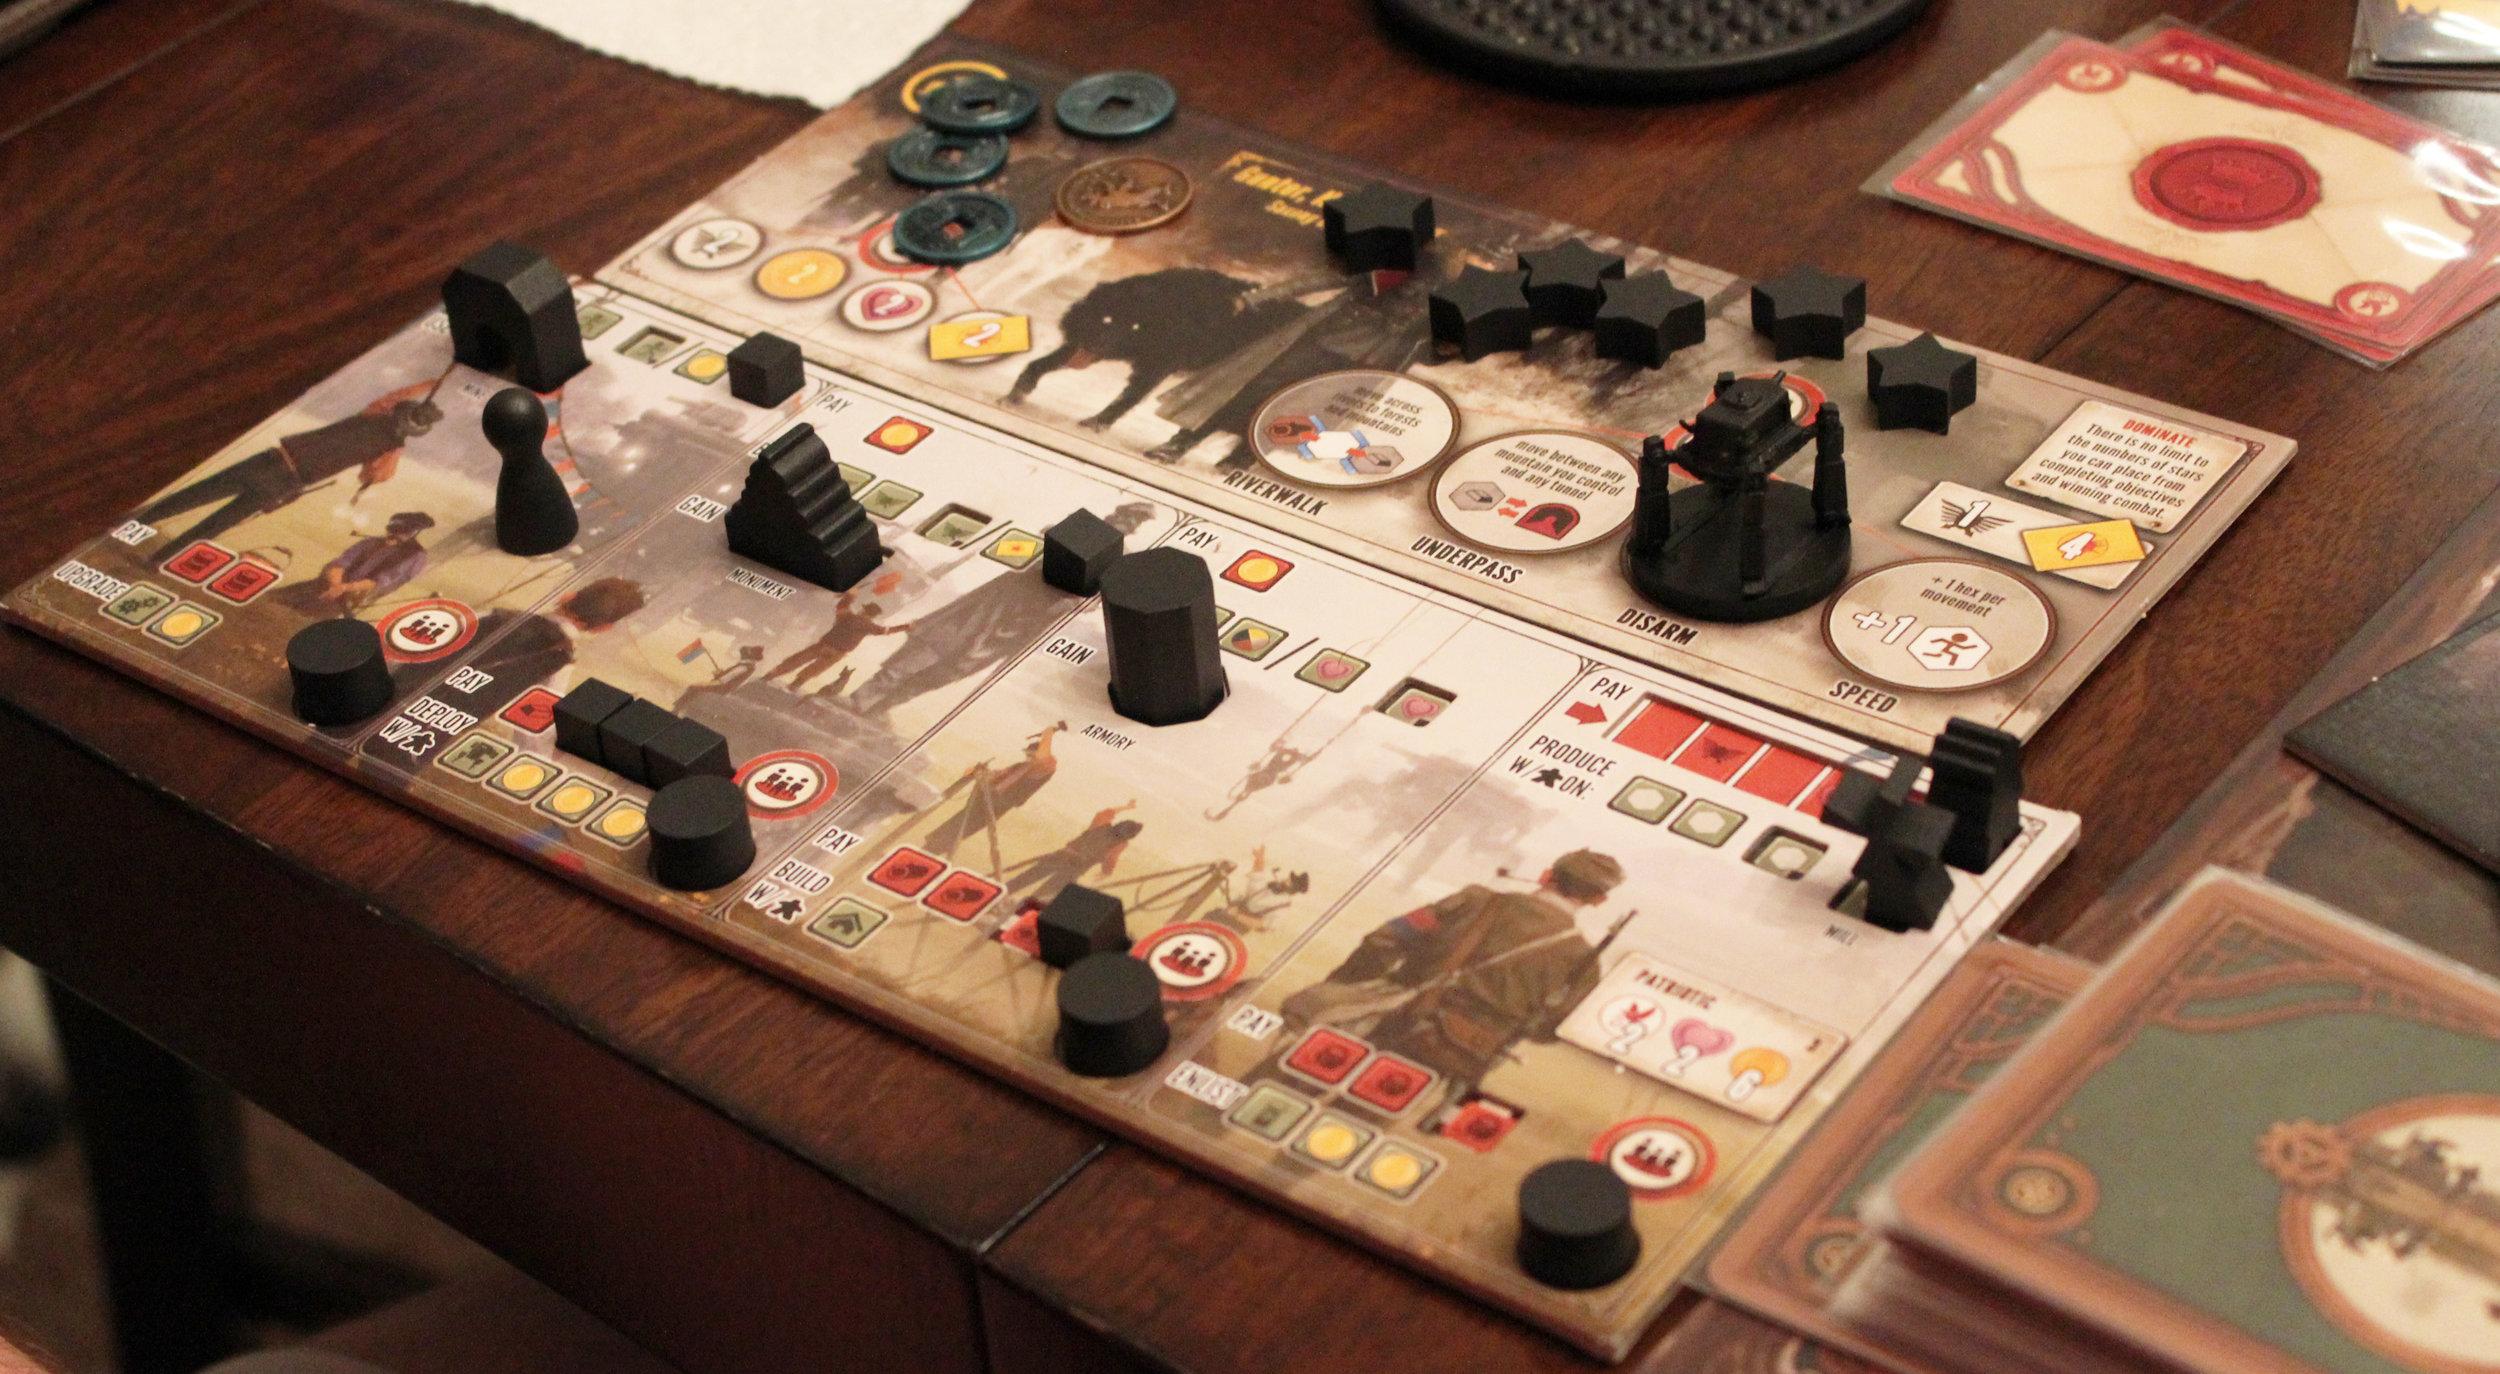 Faction mat and player mat.